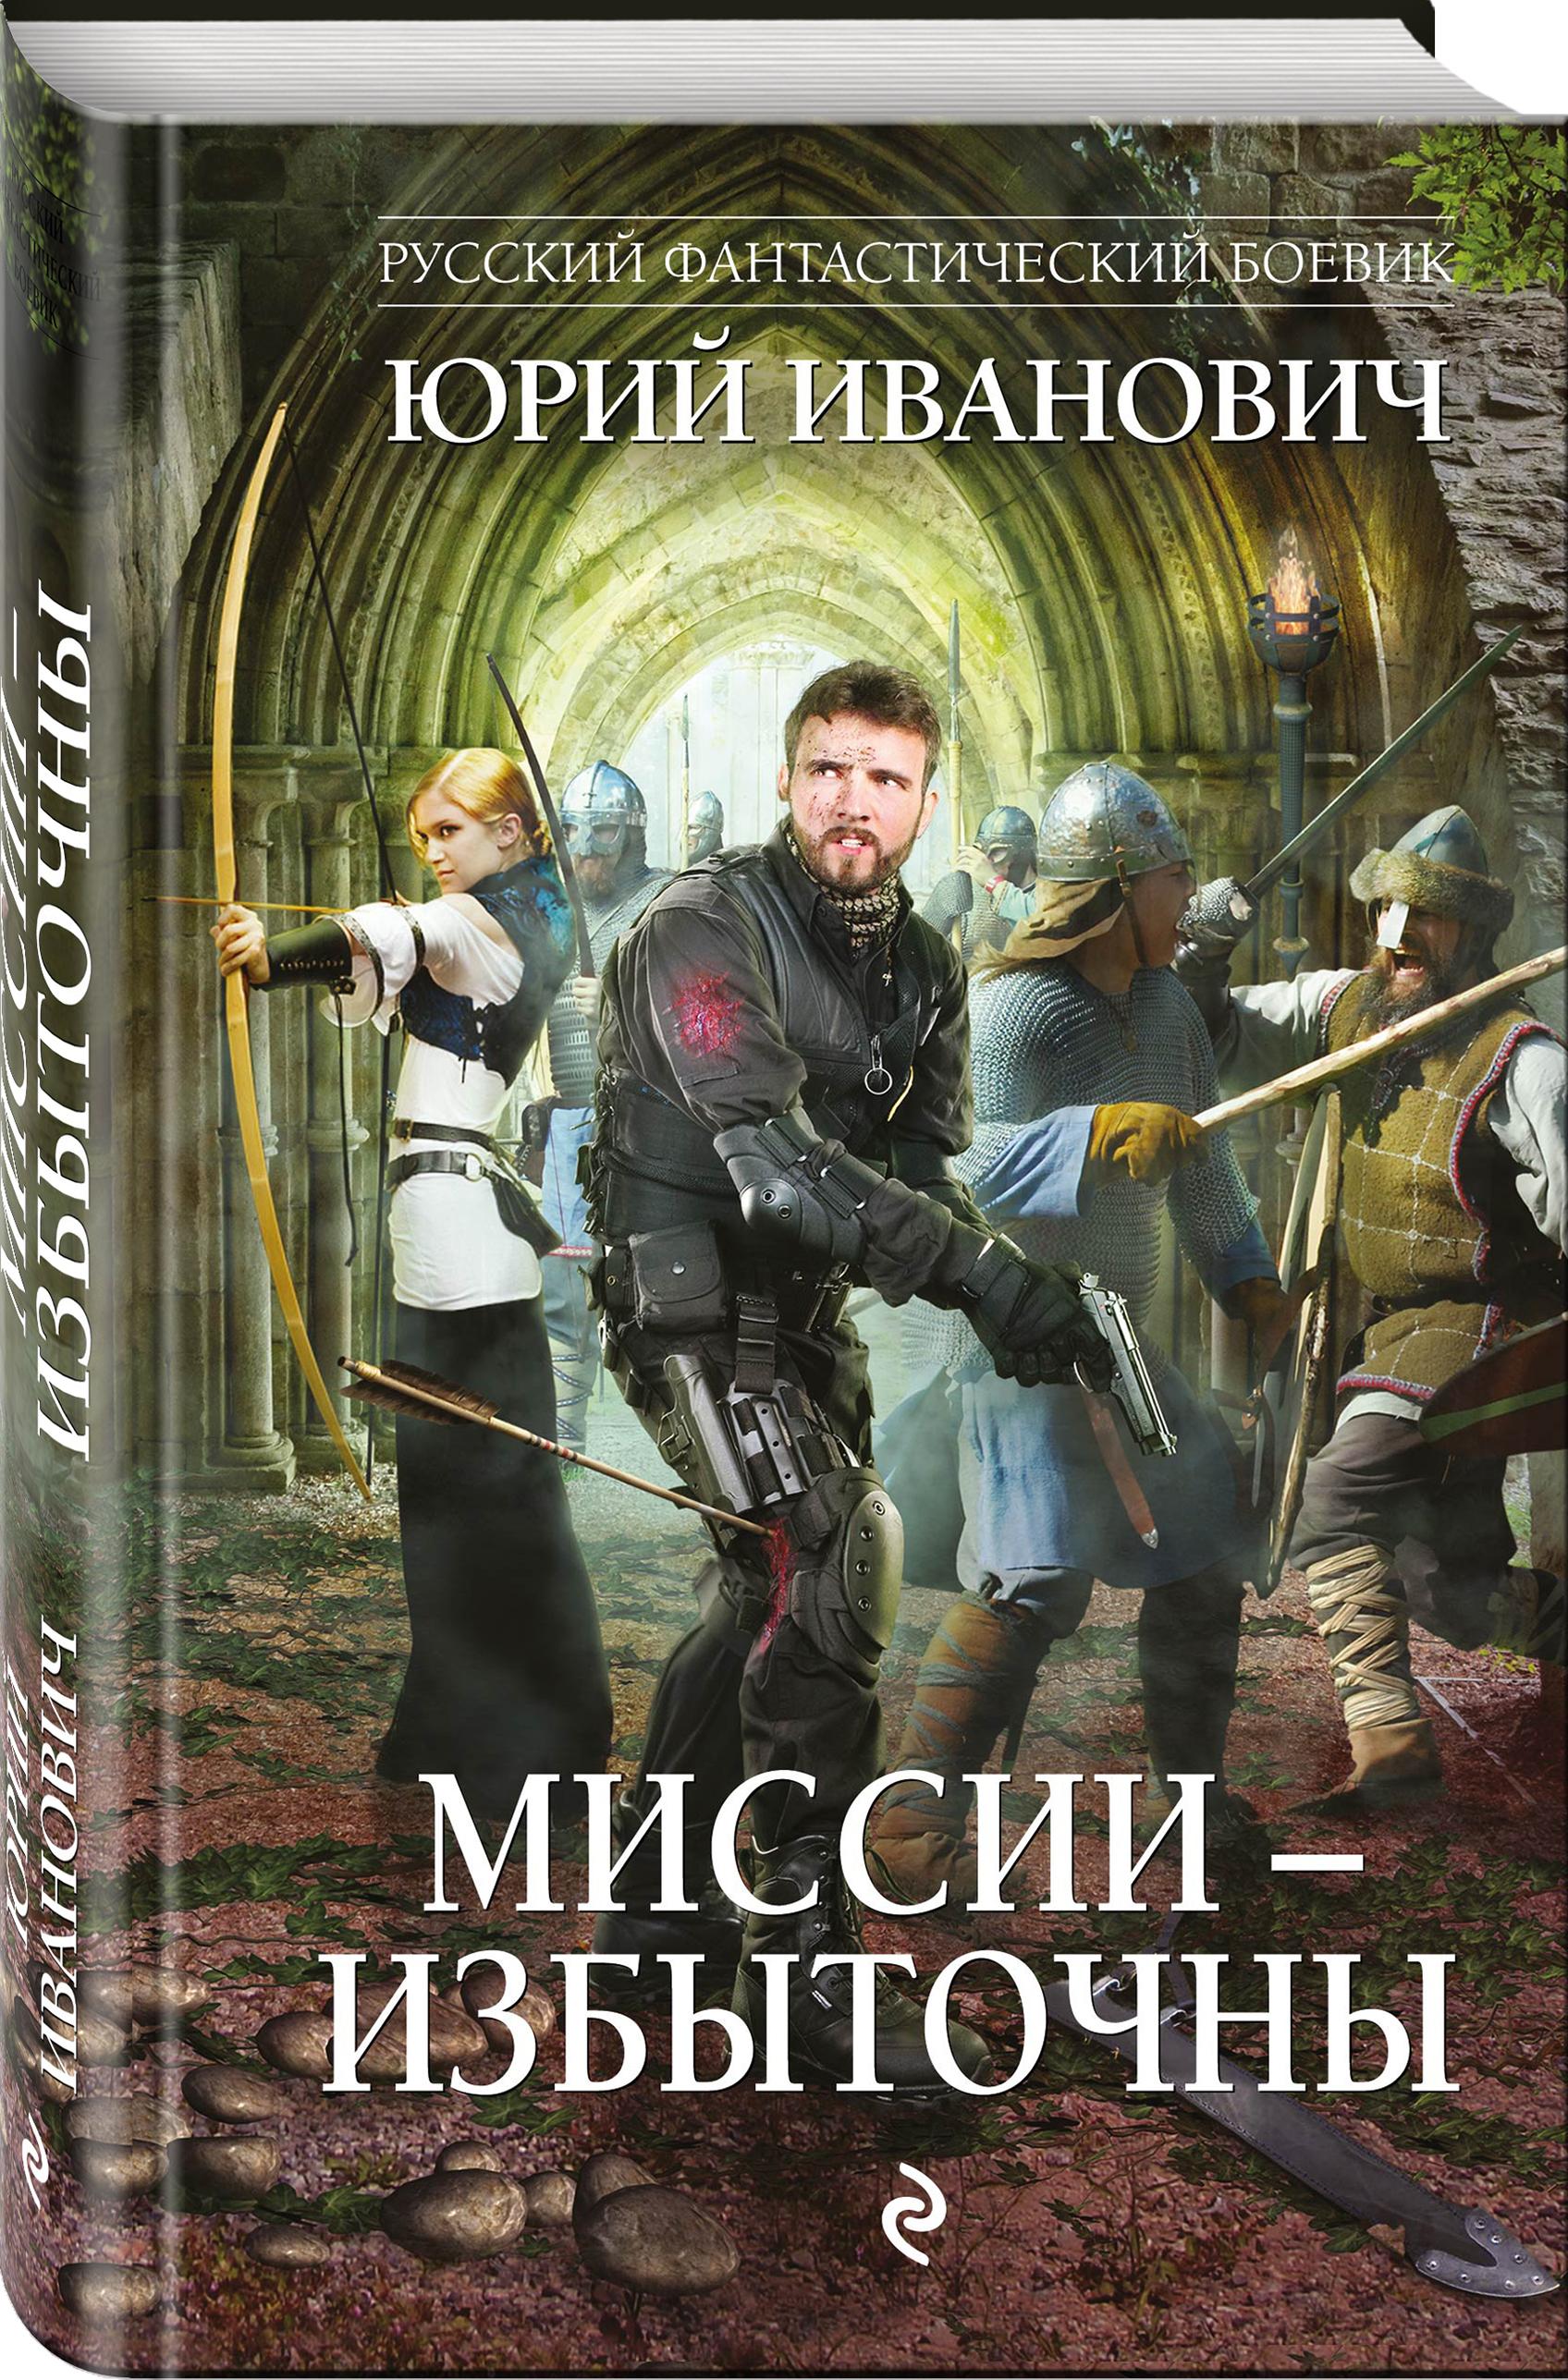 Юрий Иванович Миссии - избыточны иванович ю миссии избыточны